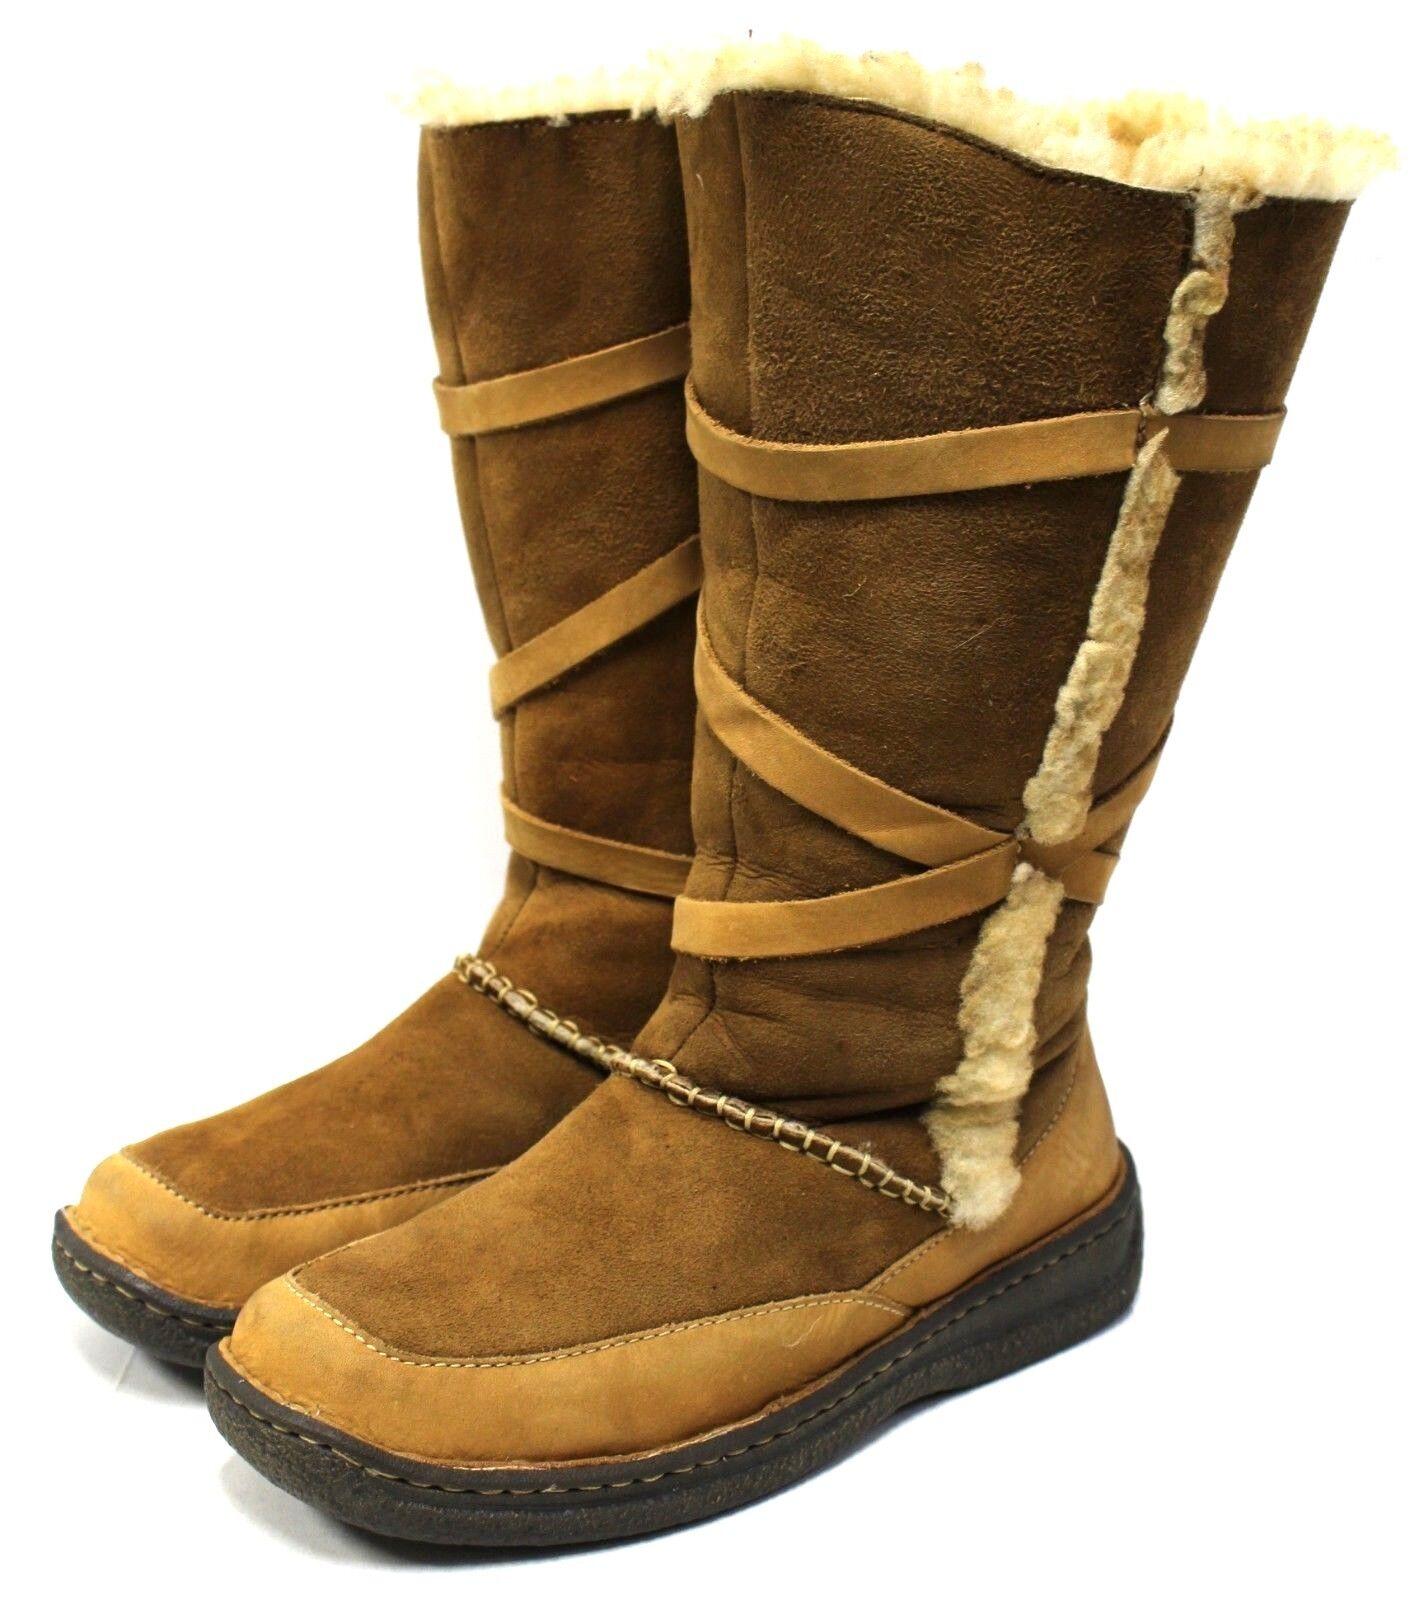 Cabela's Cabela's Cabela's Donna 8M Winter Stivali Brown Suede Pelle Shearling Lining Fur Platform 31033a